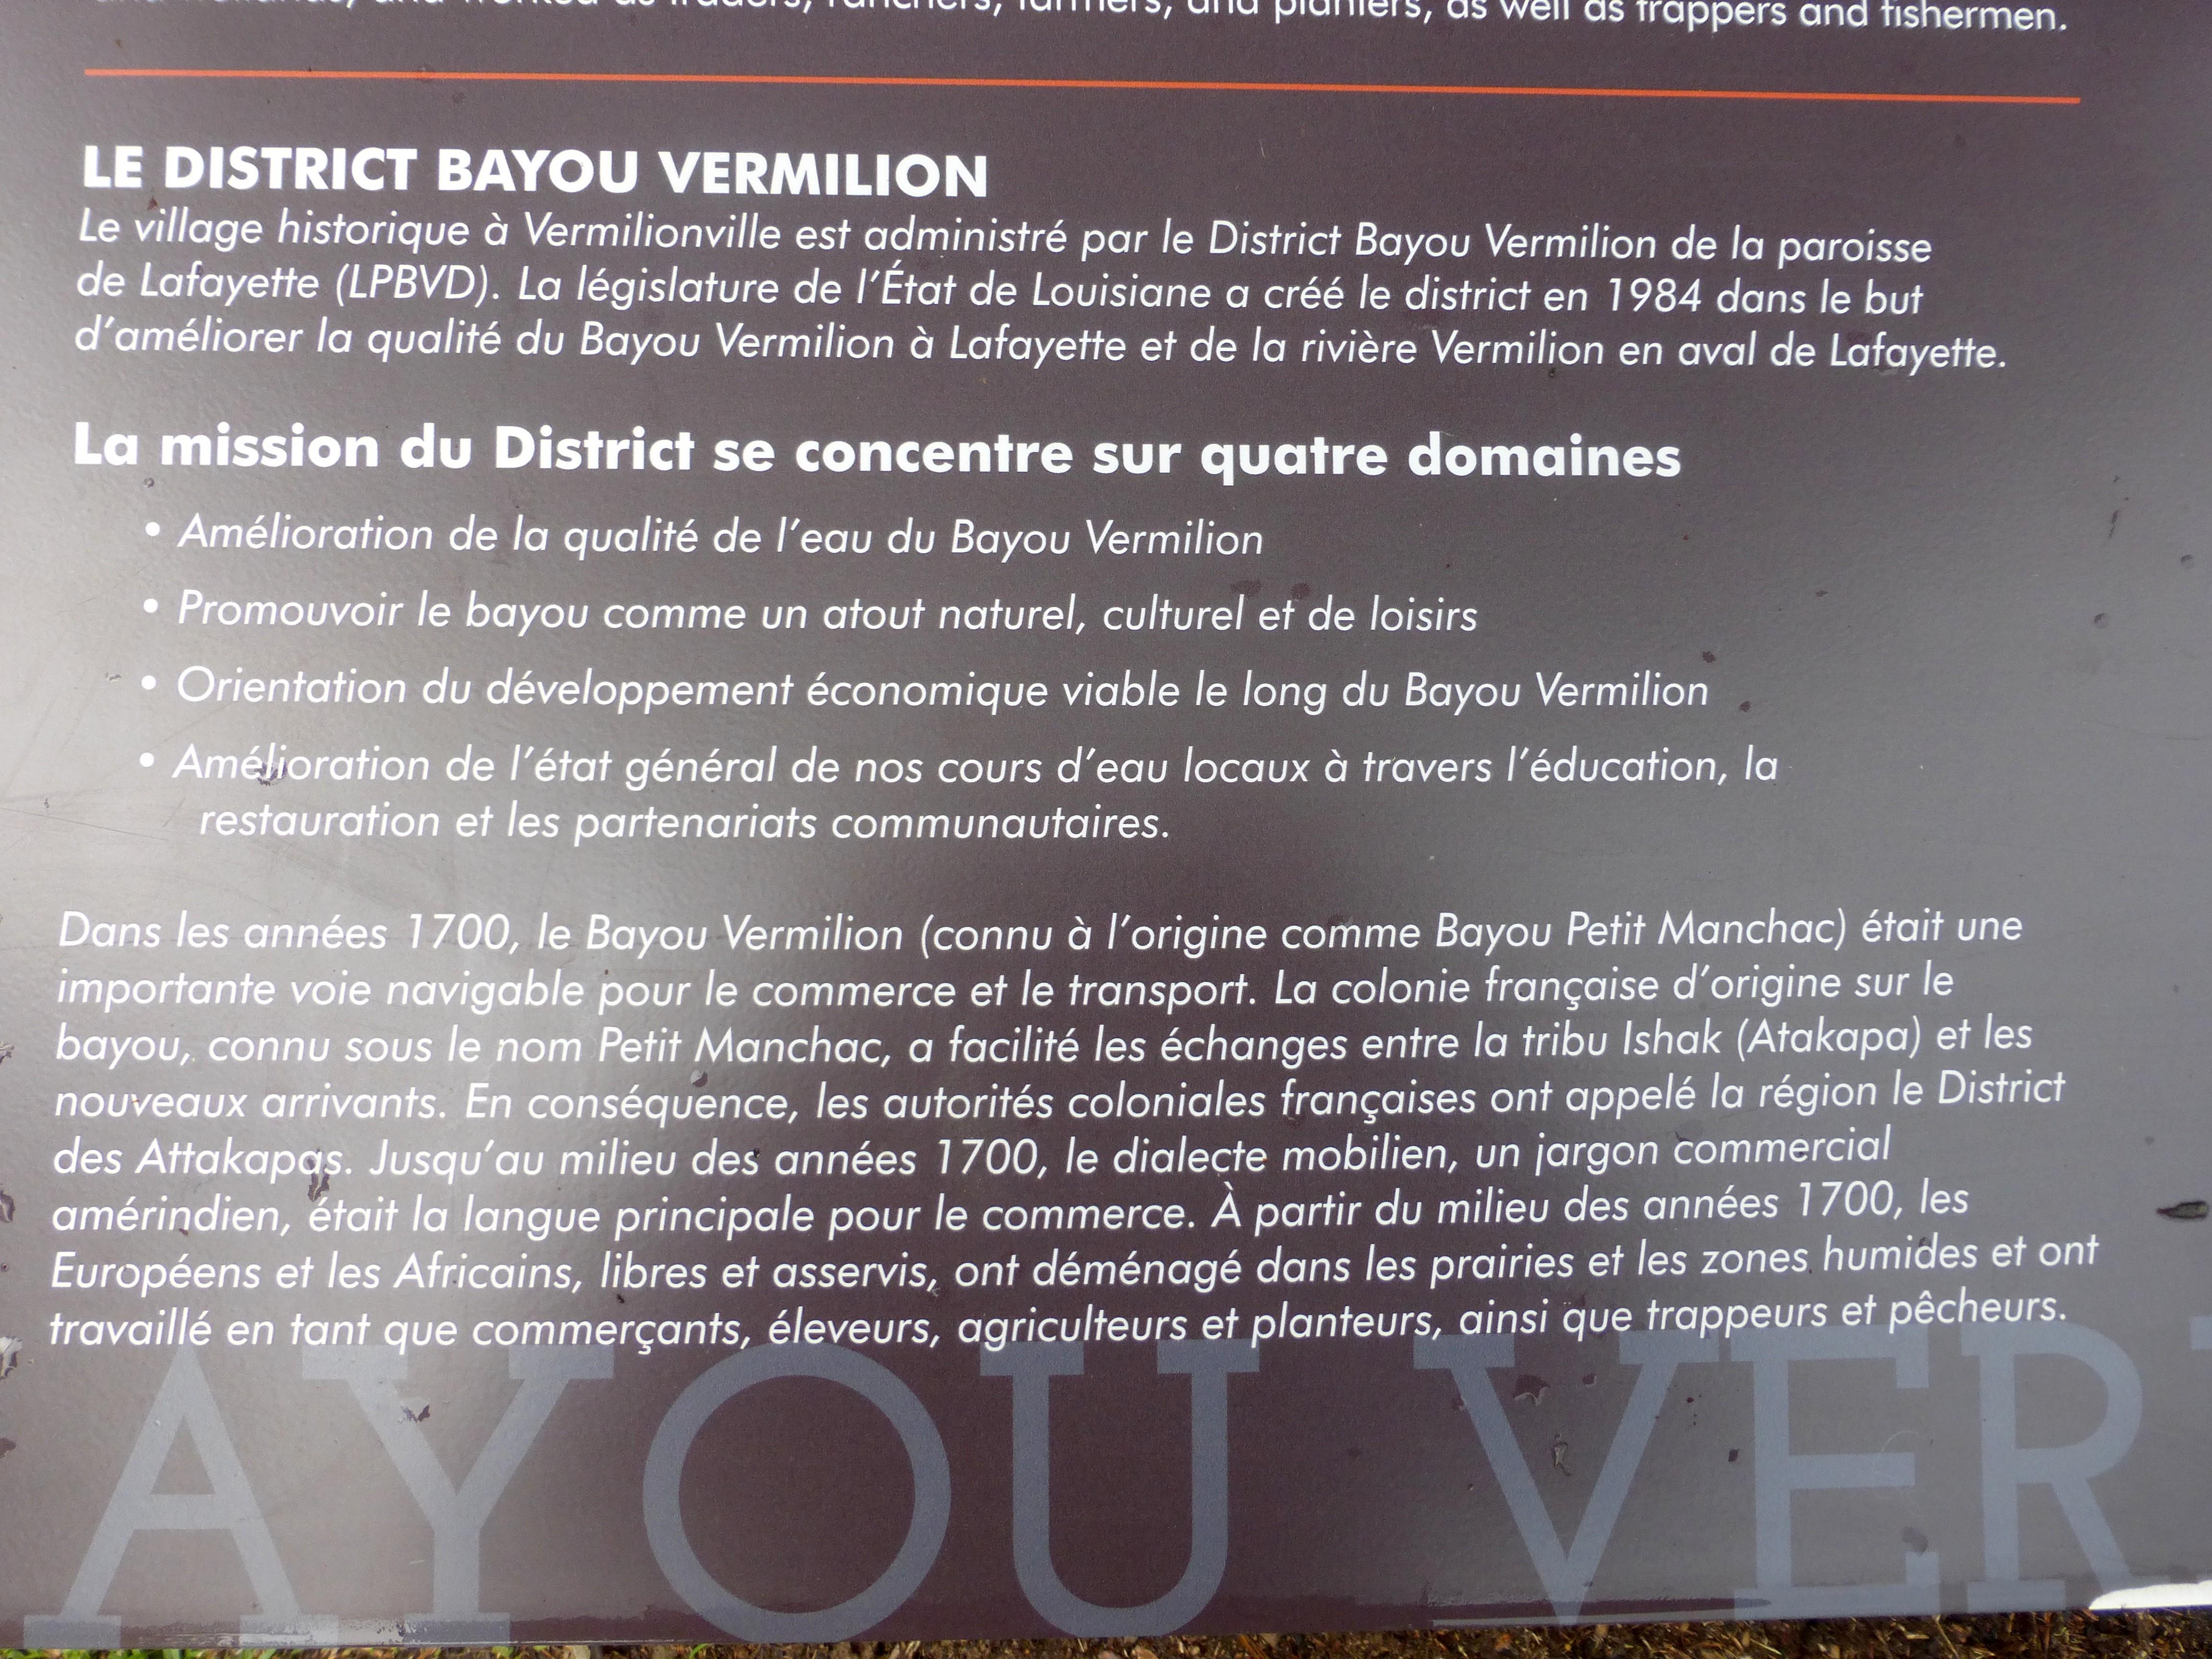 Vermillon village, les infos